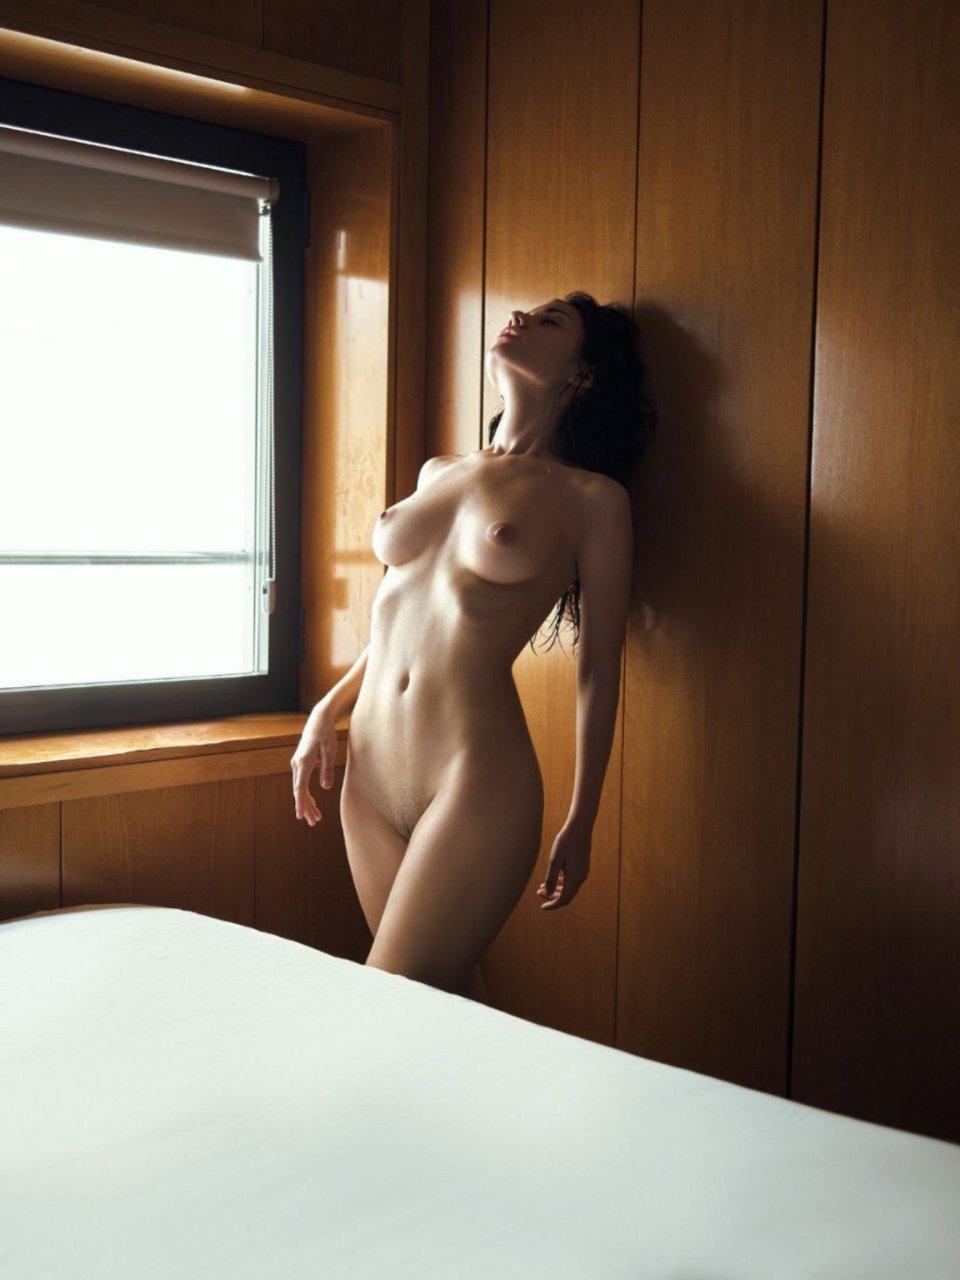 Bianca Gonzalez Goes Topless For Men's Mag